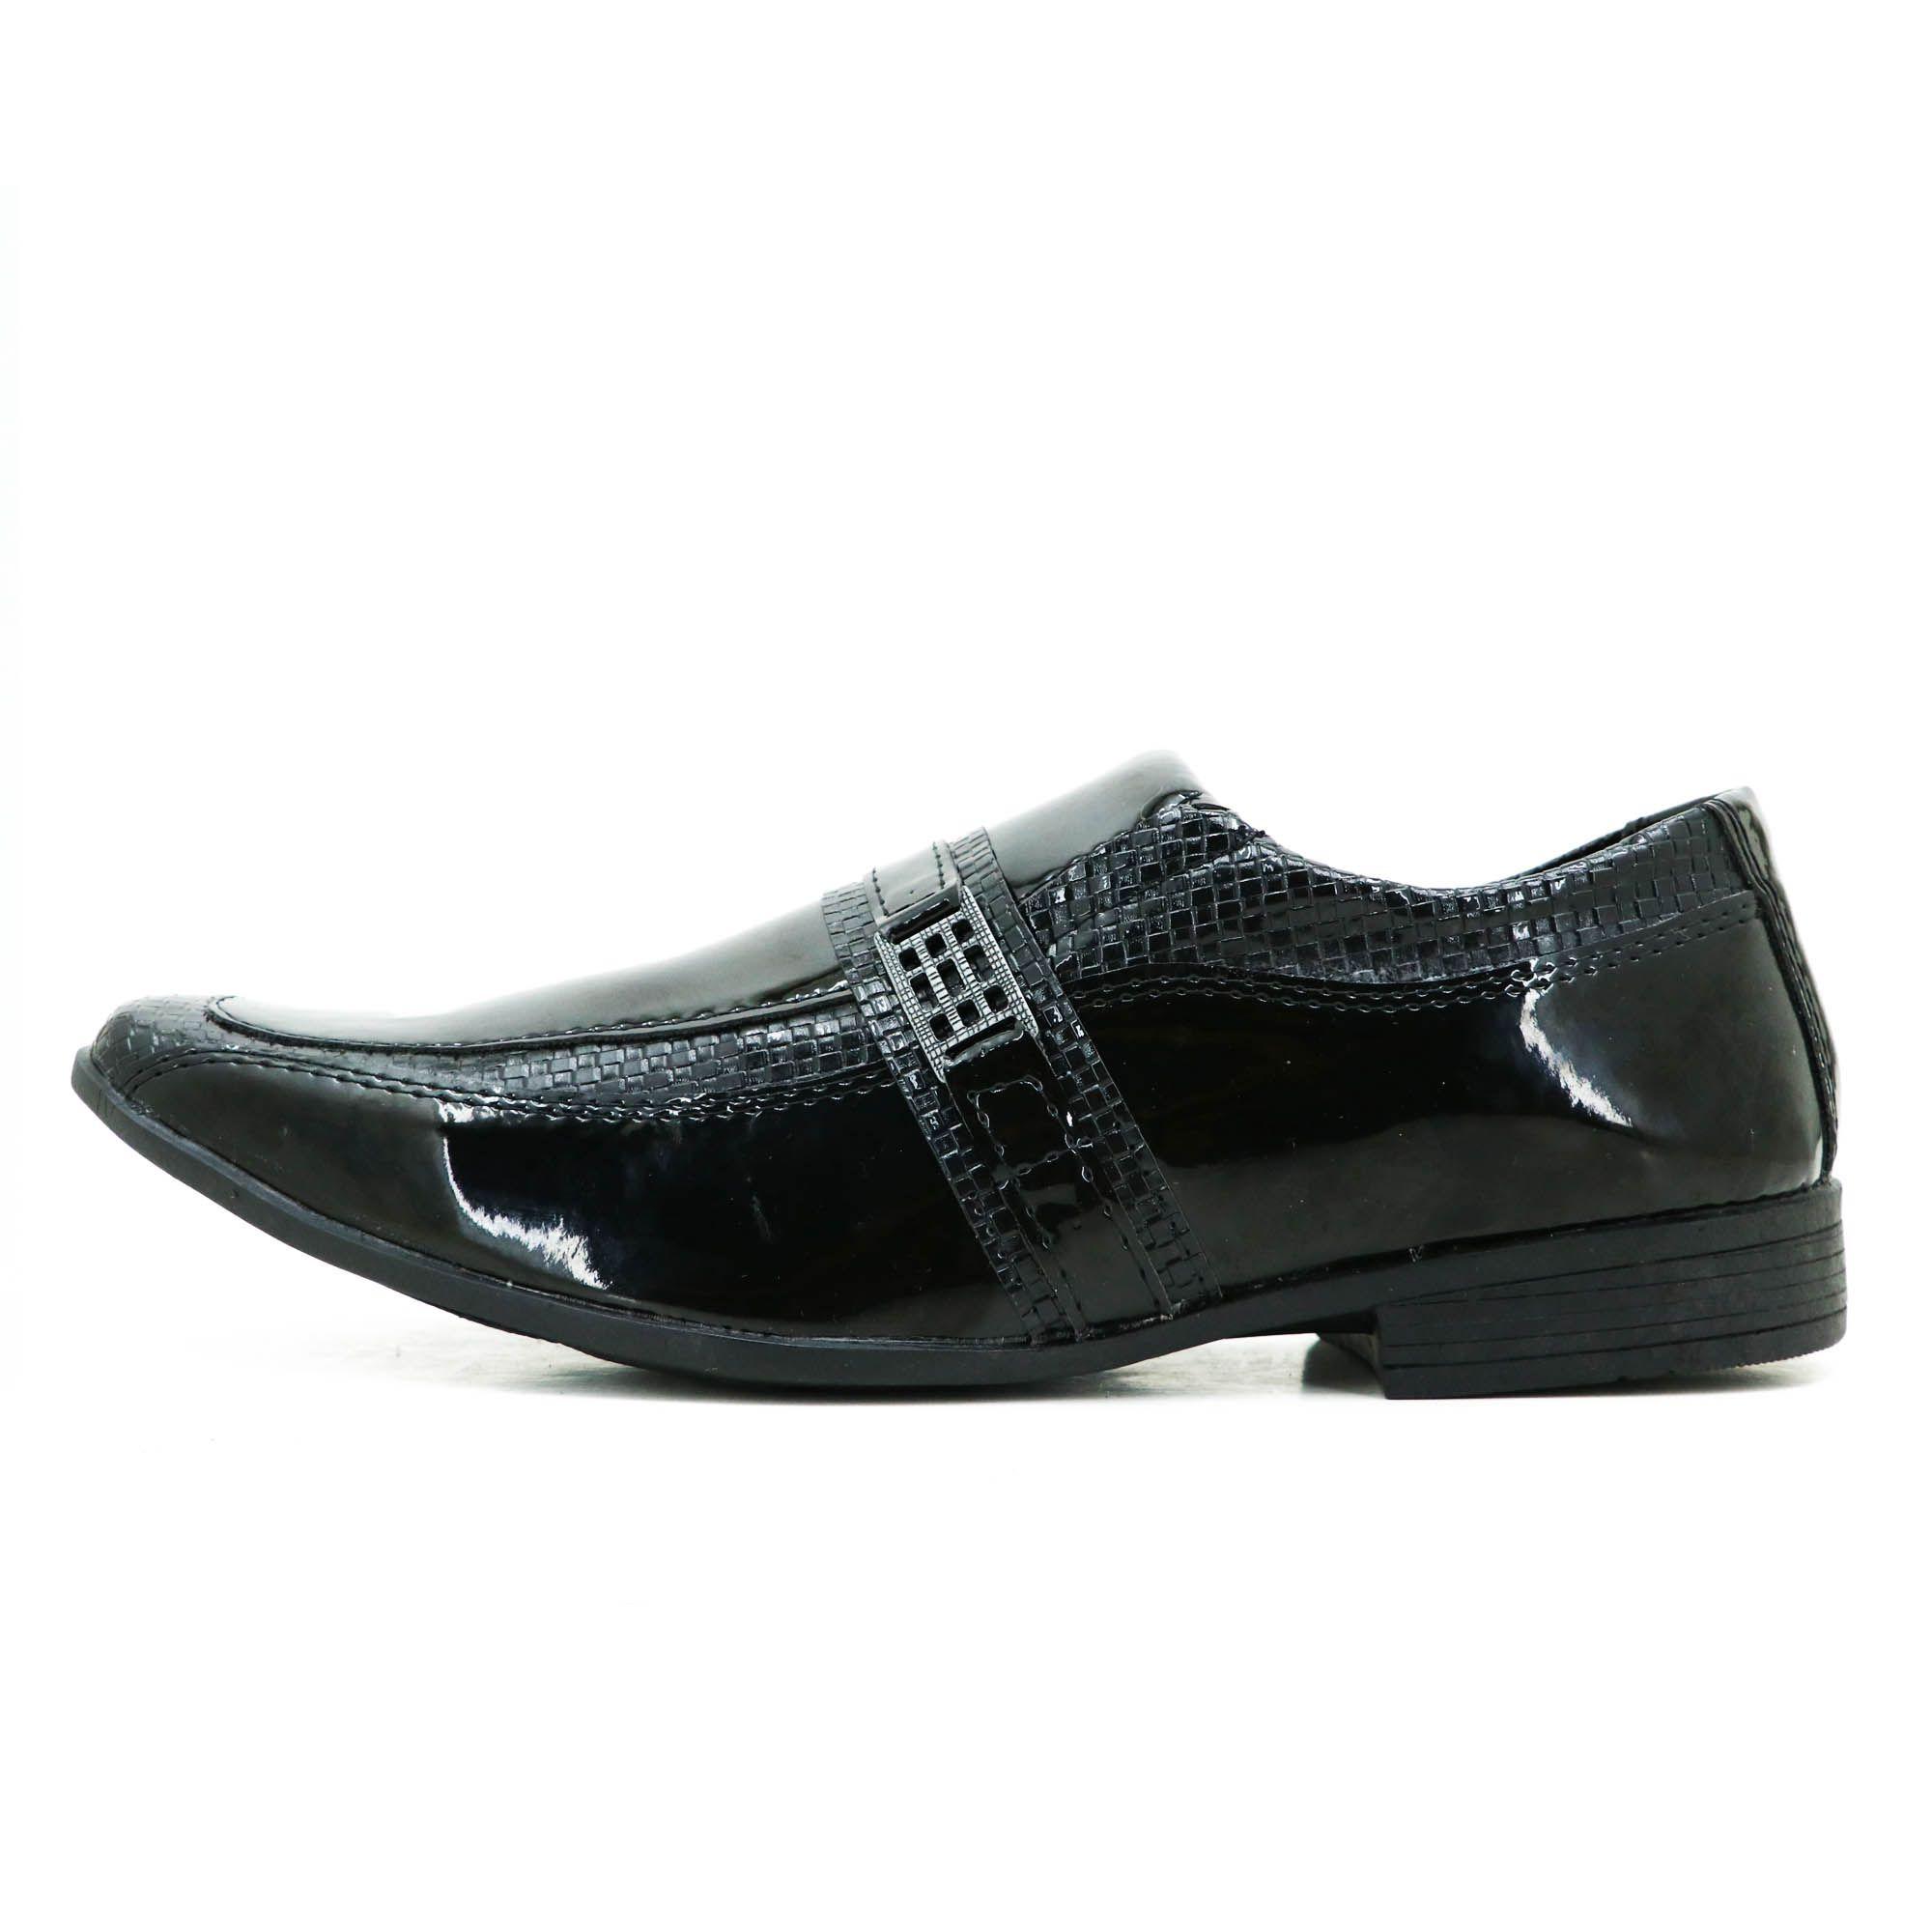 Sapato social de couro técnologico na cor preta verniz 5005